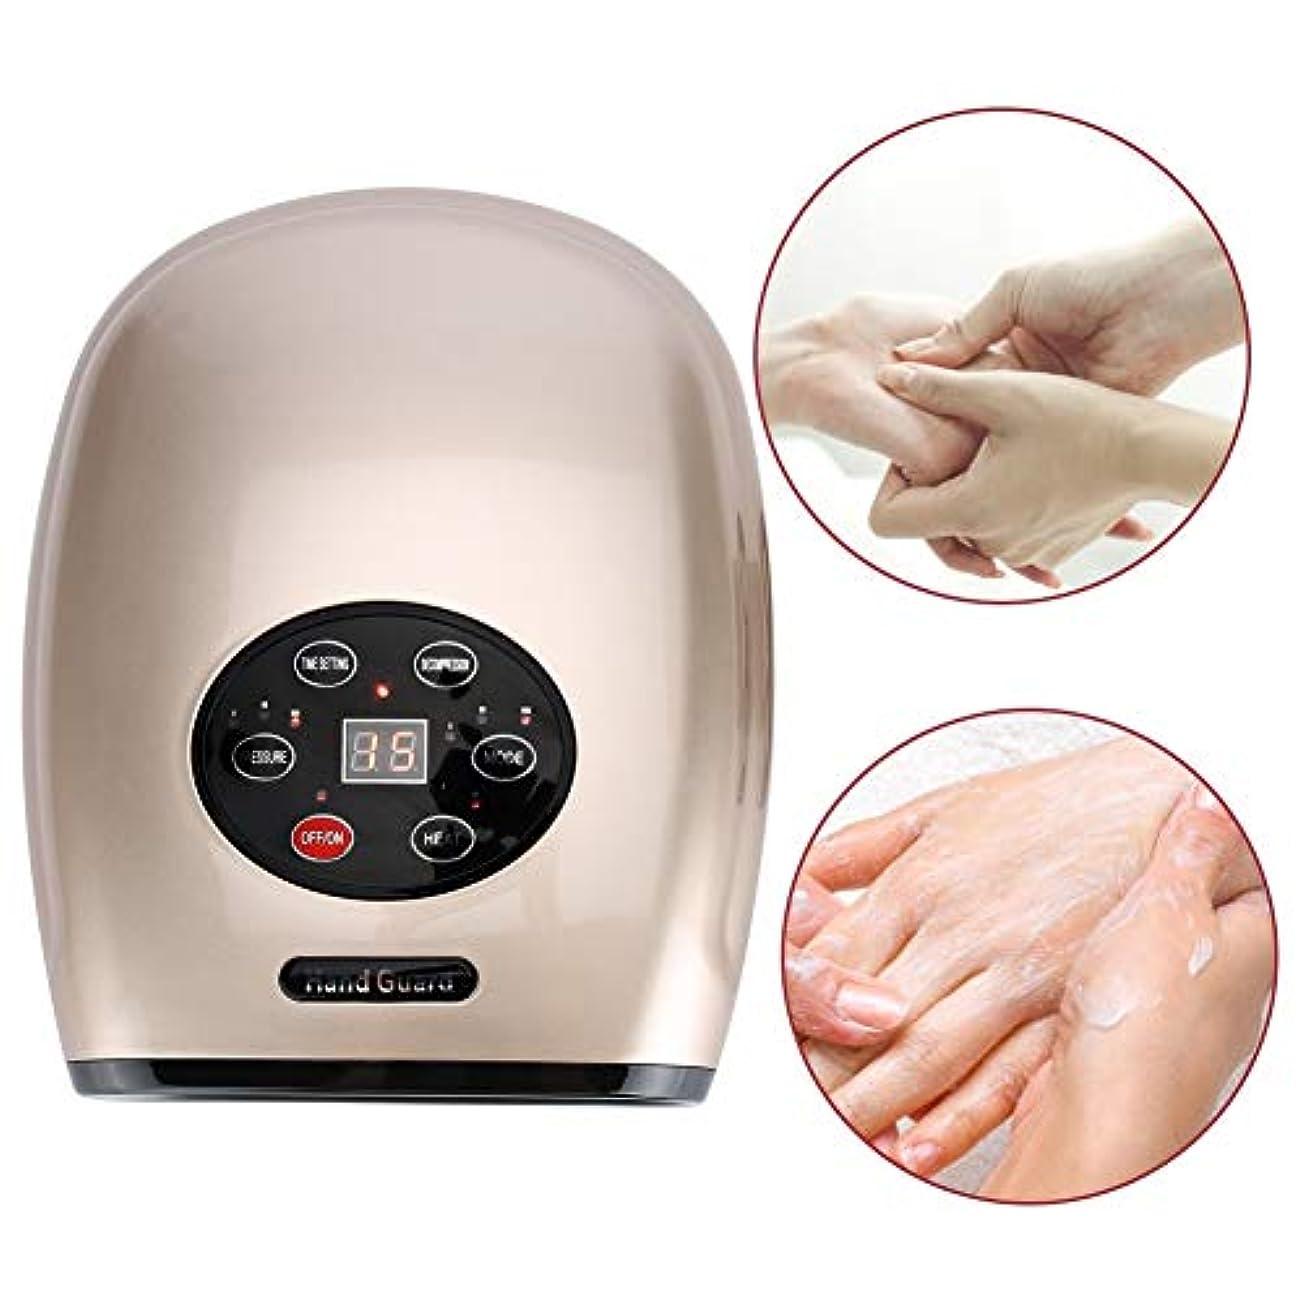 先住民ますます方法論電気指圧手のひらマッサージ、指の寒さひずみとしびれリリーフフィンガーアポイントマッサージリリーフハンドケアツール(Gold US Plug)